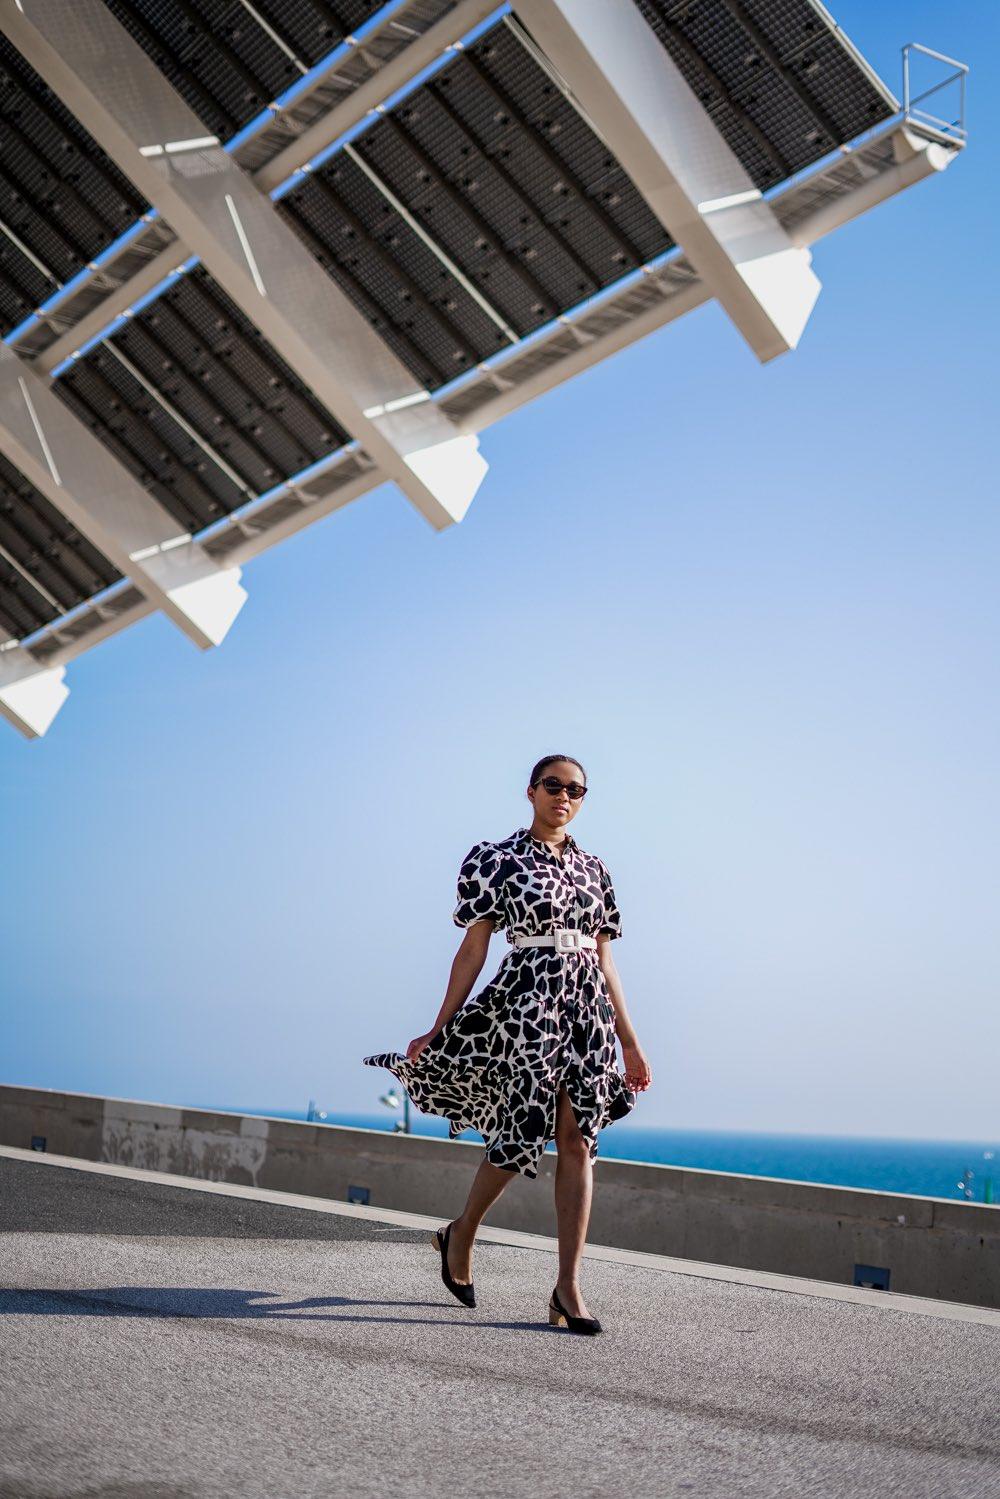 german fashion blogger Mirjam Maisch start a blog in 2020